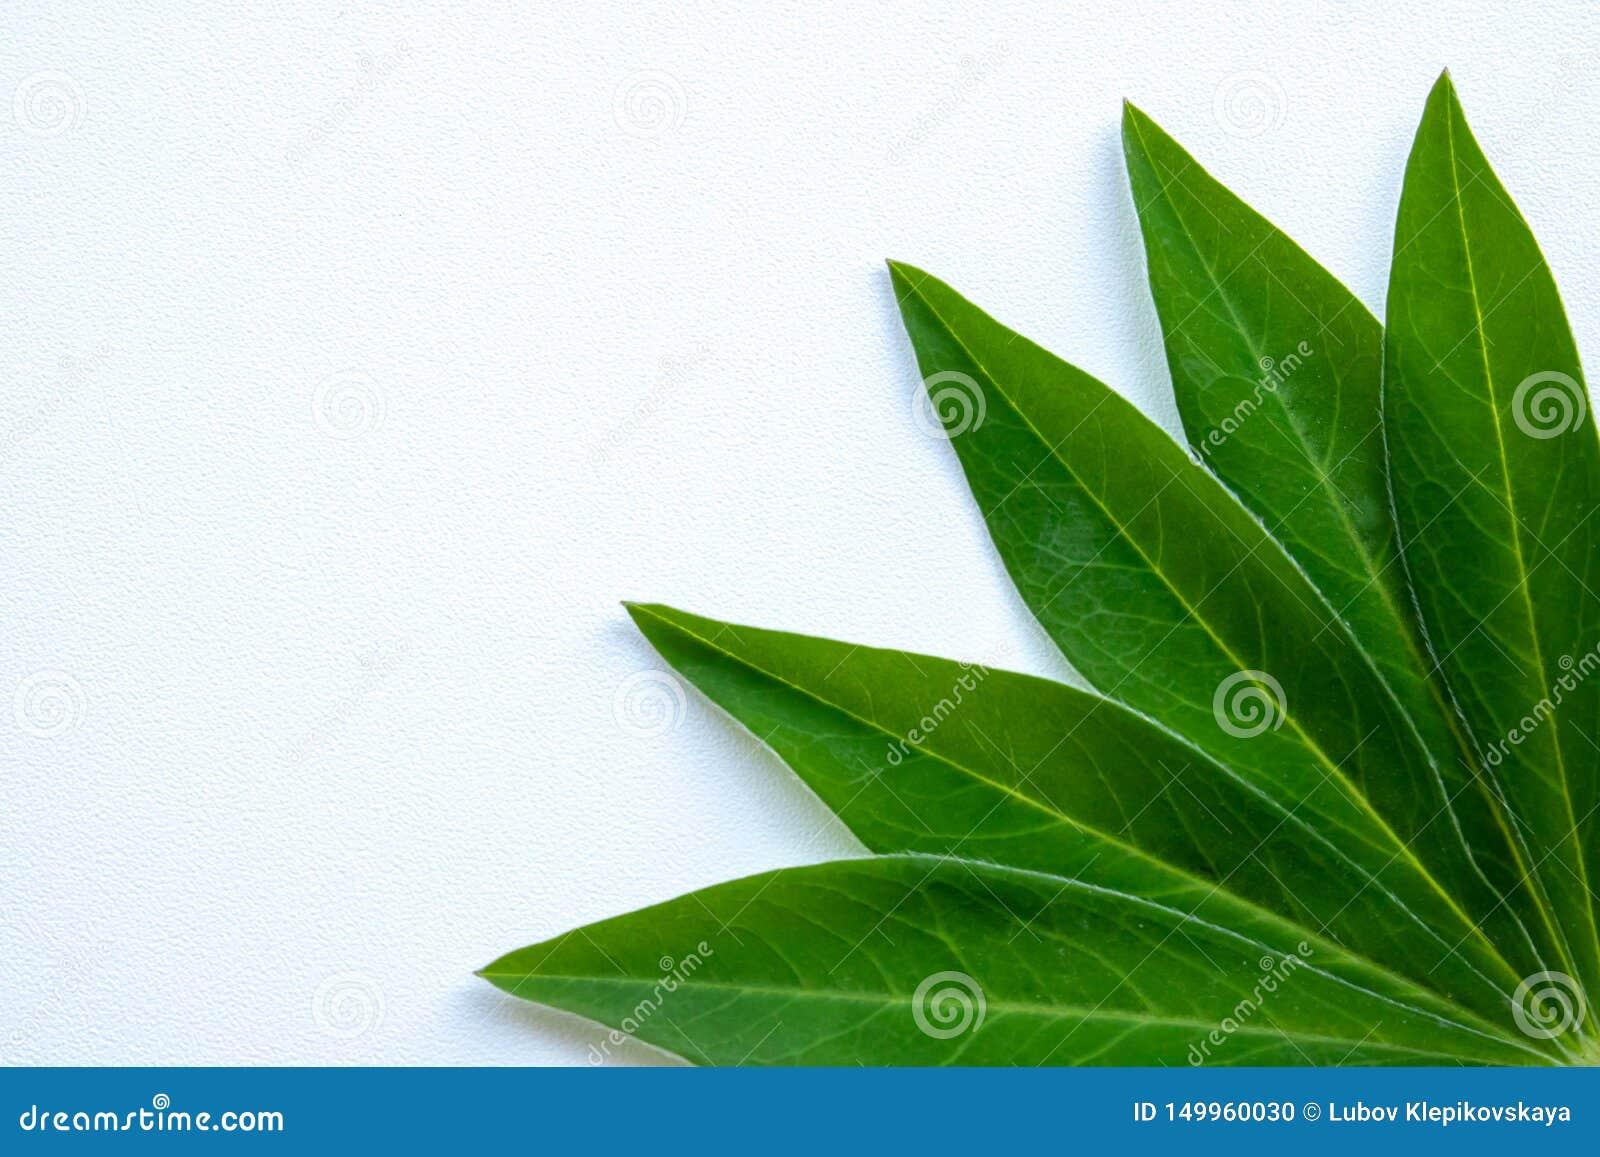 Зеленые листья в угле белой открытки предпосылки